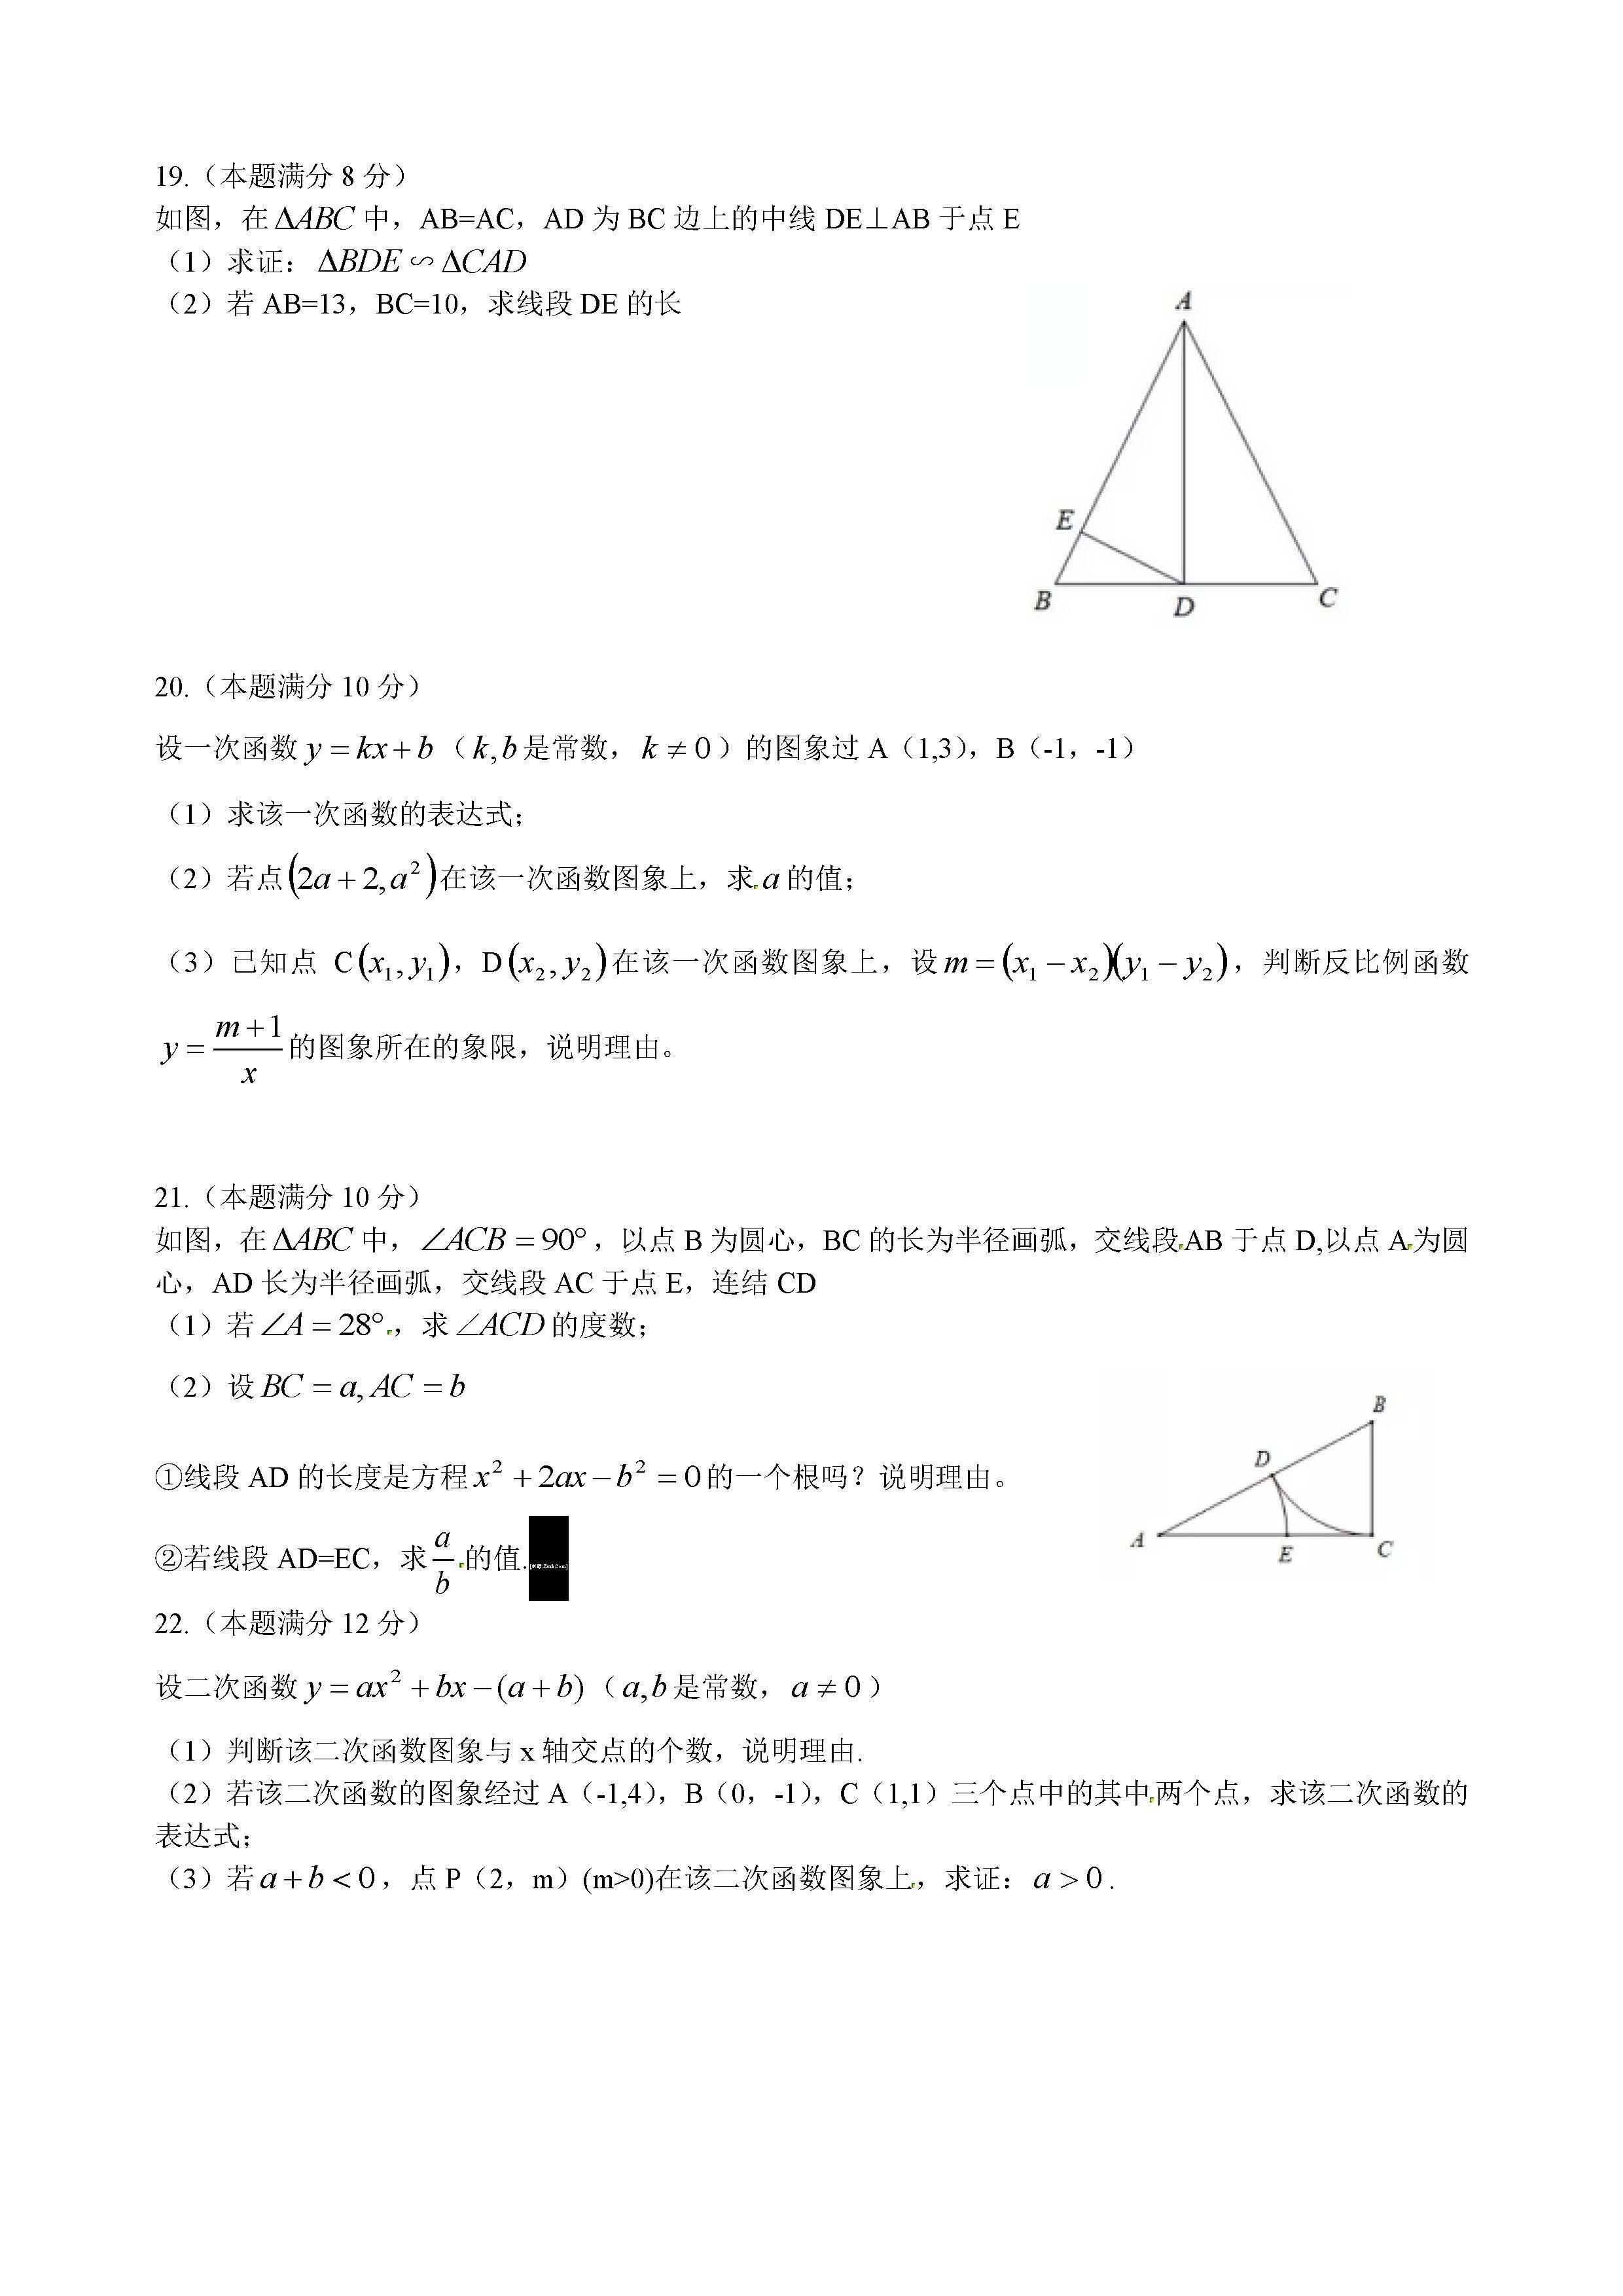 2018年浙江杭州中考数学真题及答案已公布